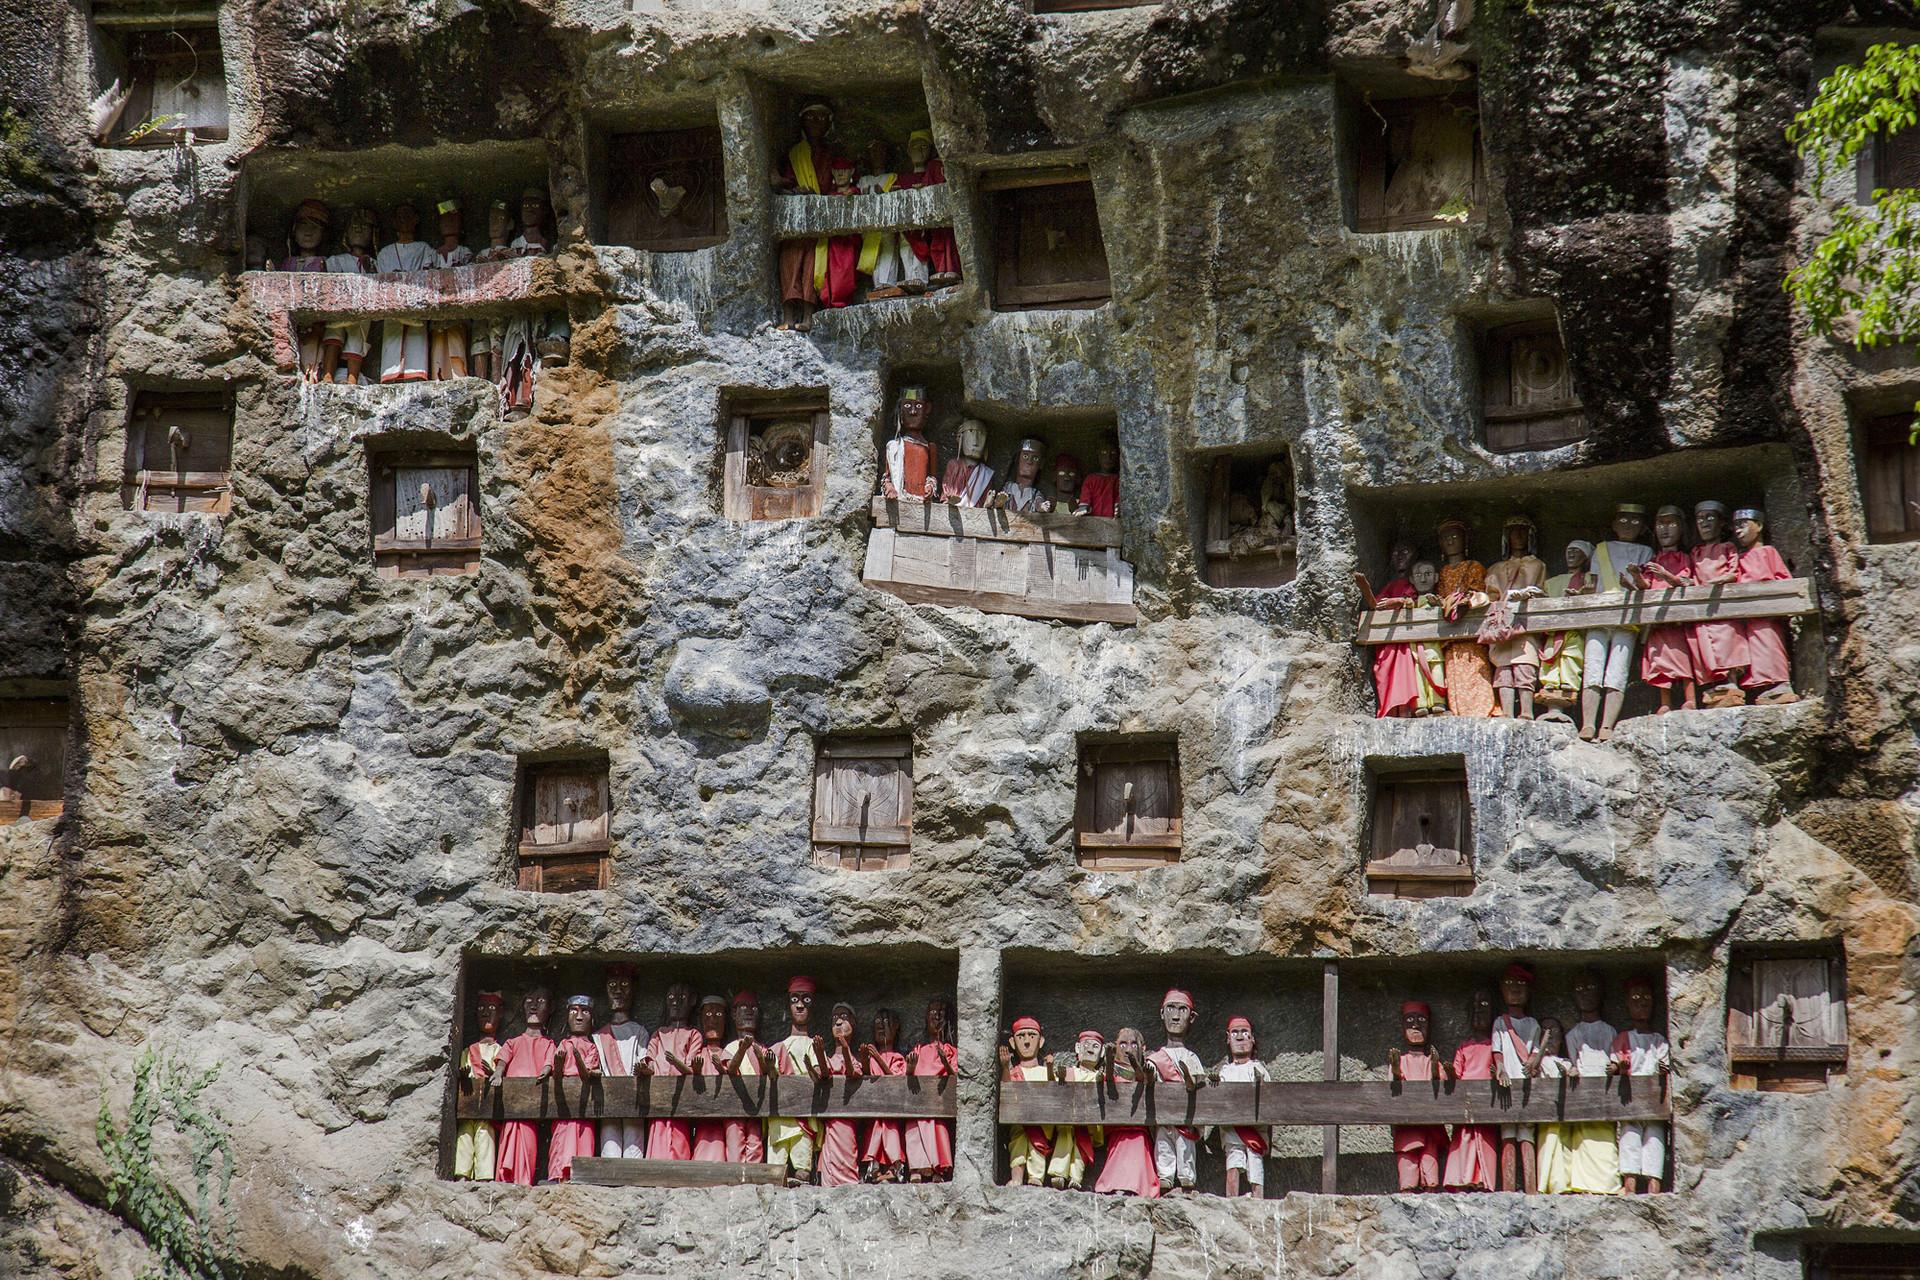 Kubur Batu di Tana Toraja, Sulawesi Selatan.